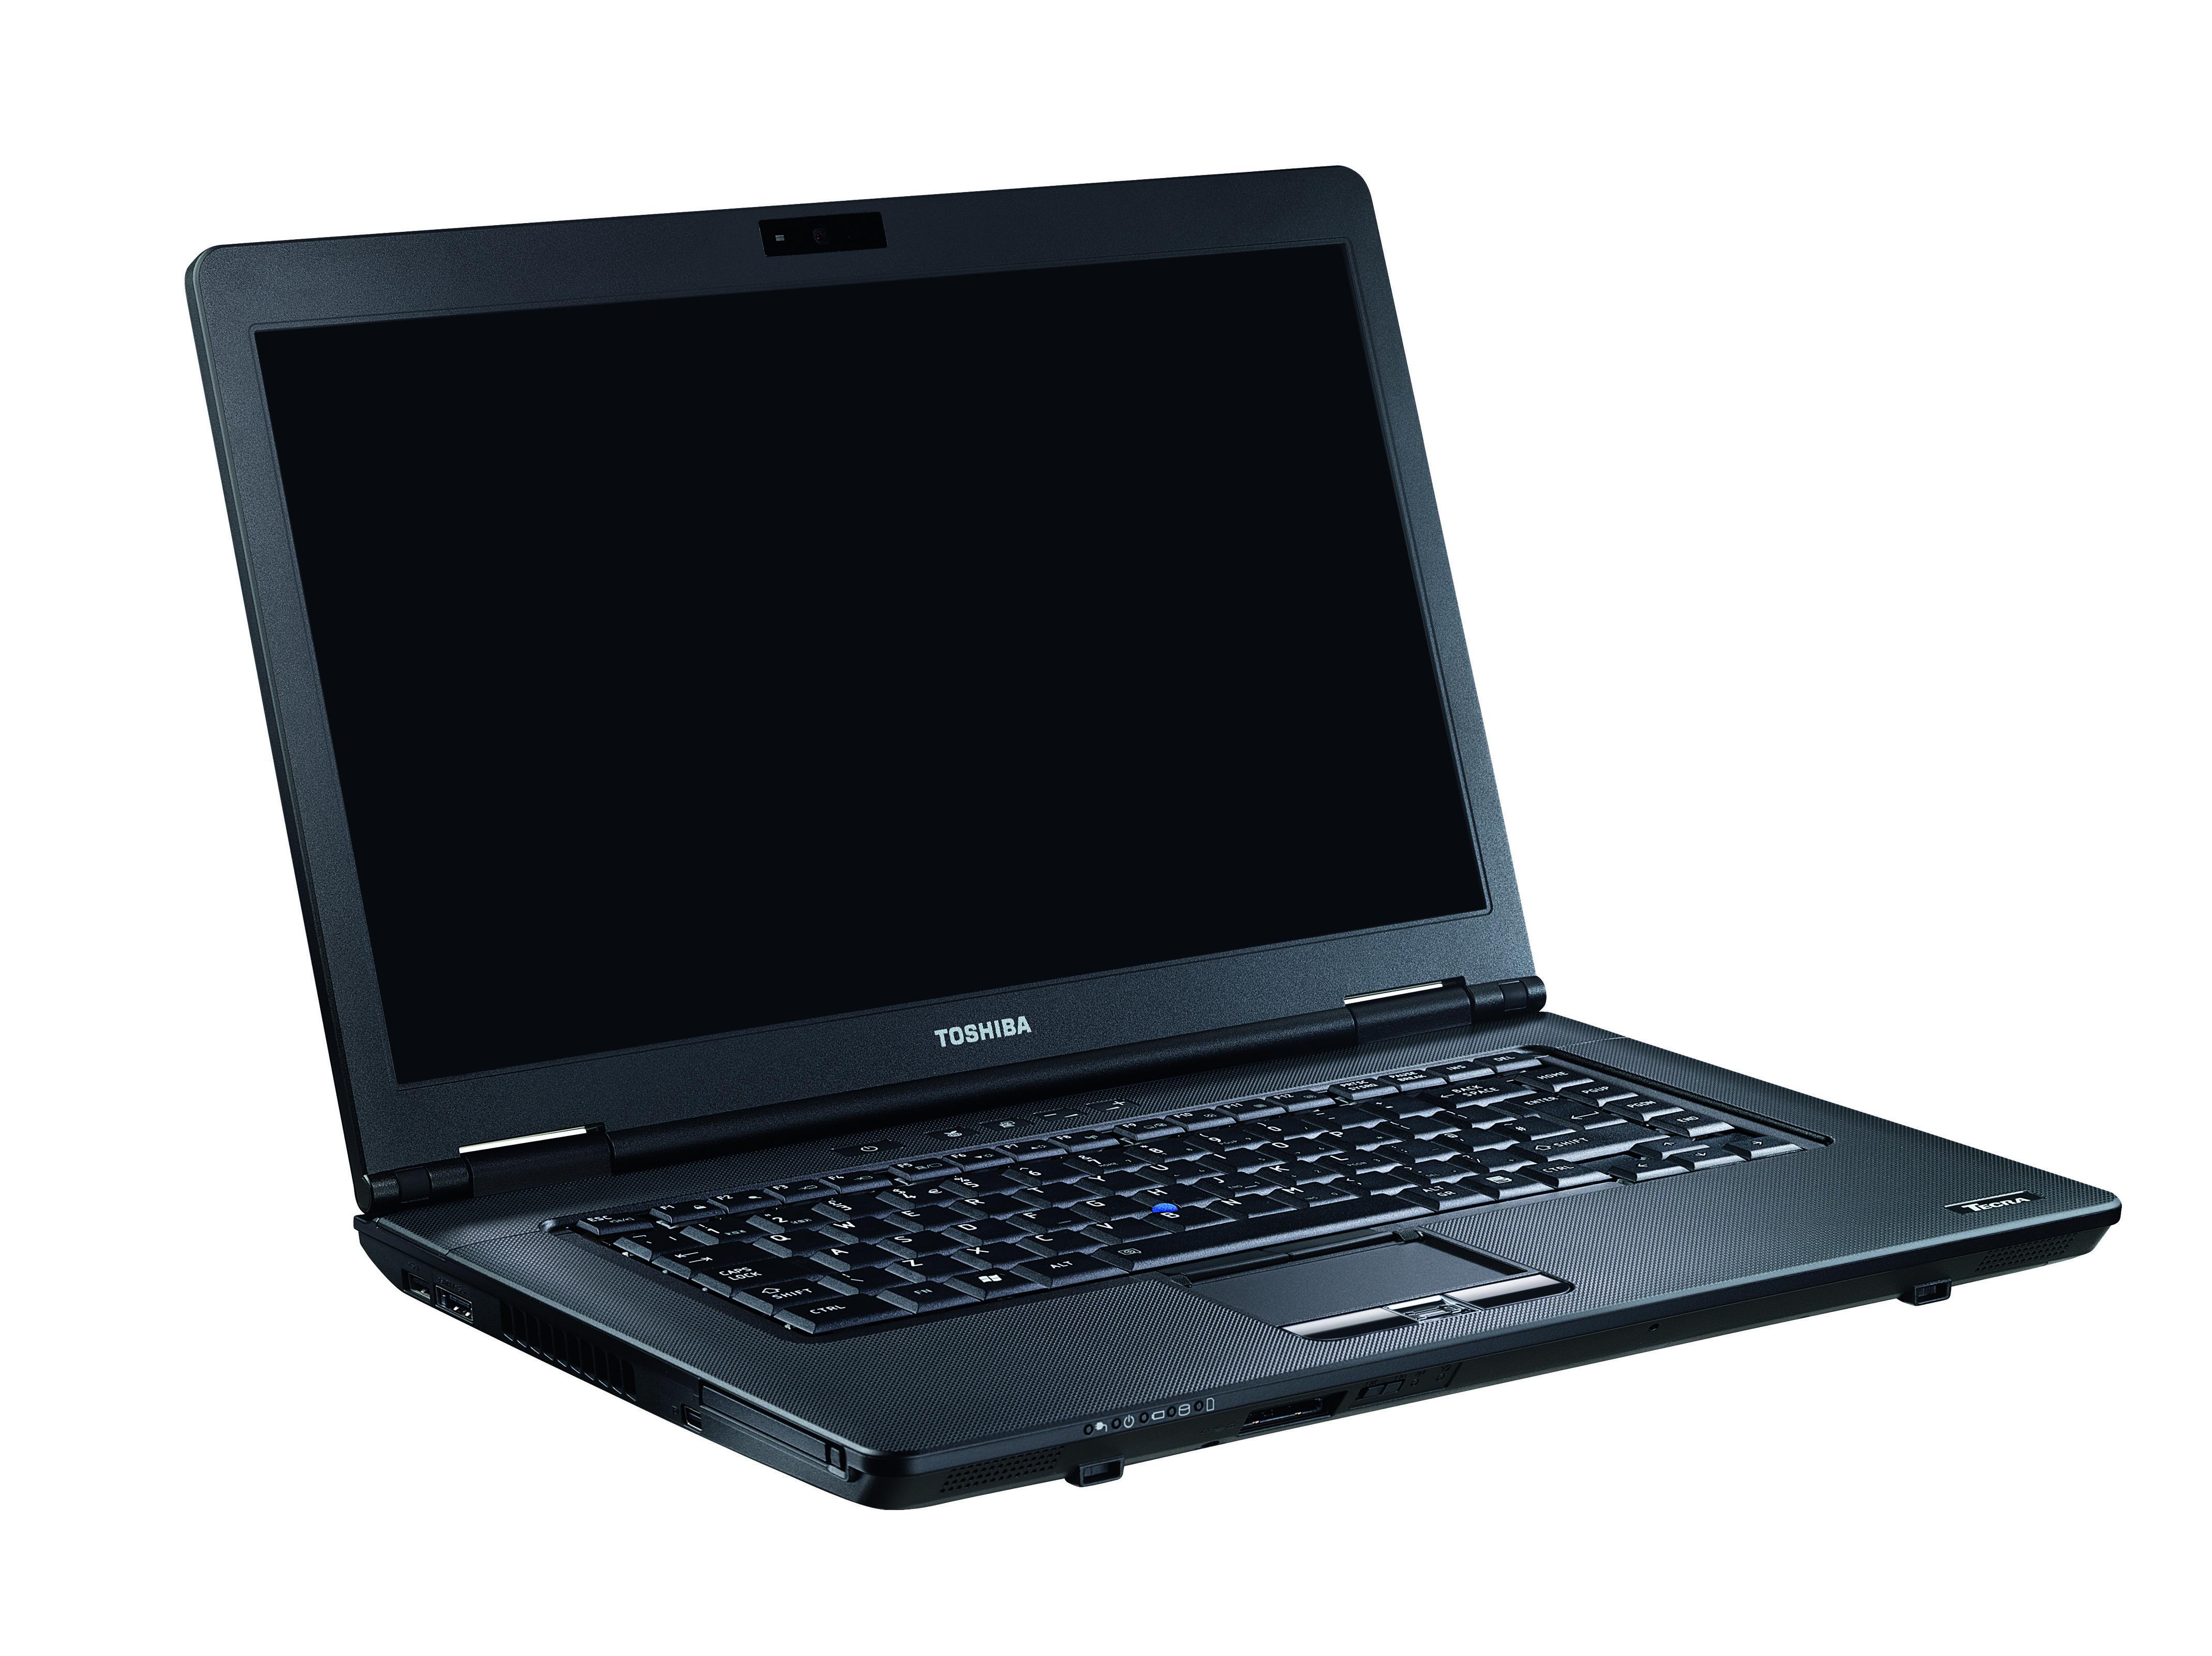 Biznesowy komputer Toshiba Tecra A11-1HZ w nowej rewizji